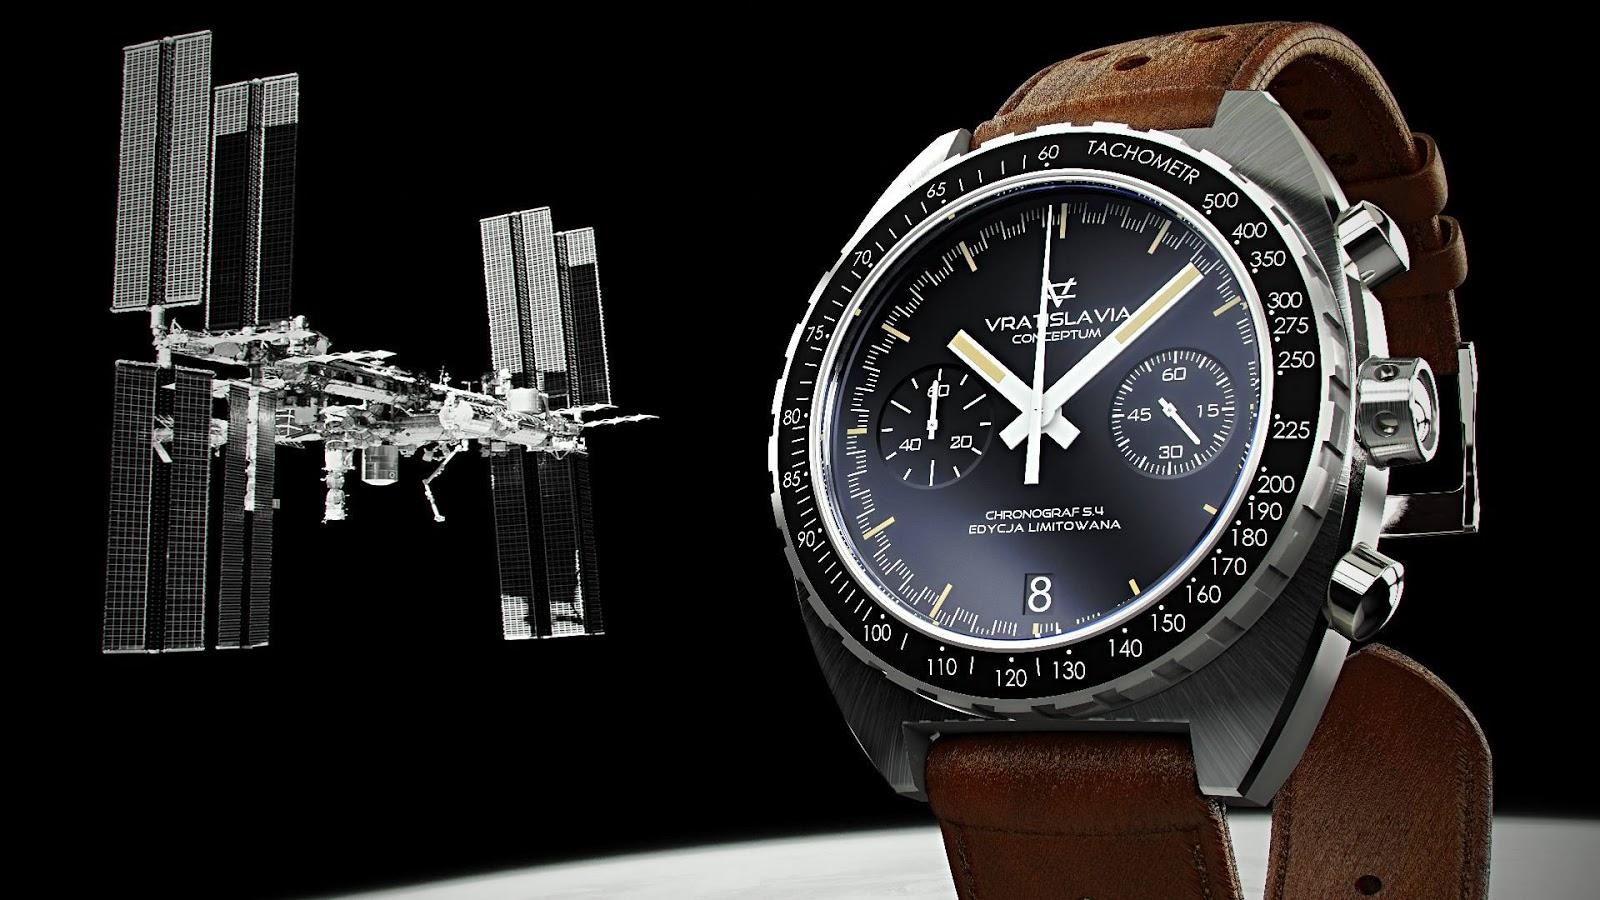 Szwajcarskie to nie tylko sery i zegarki - 1 part 1